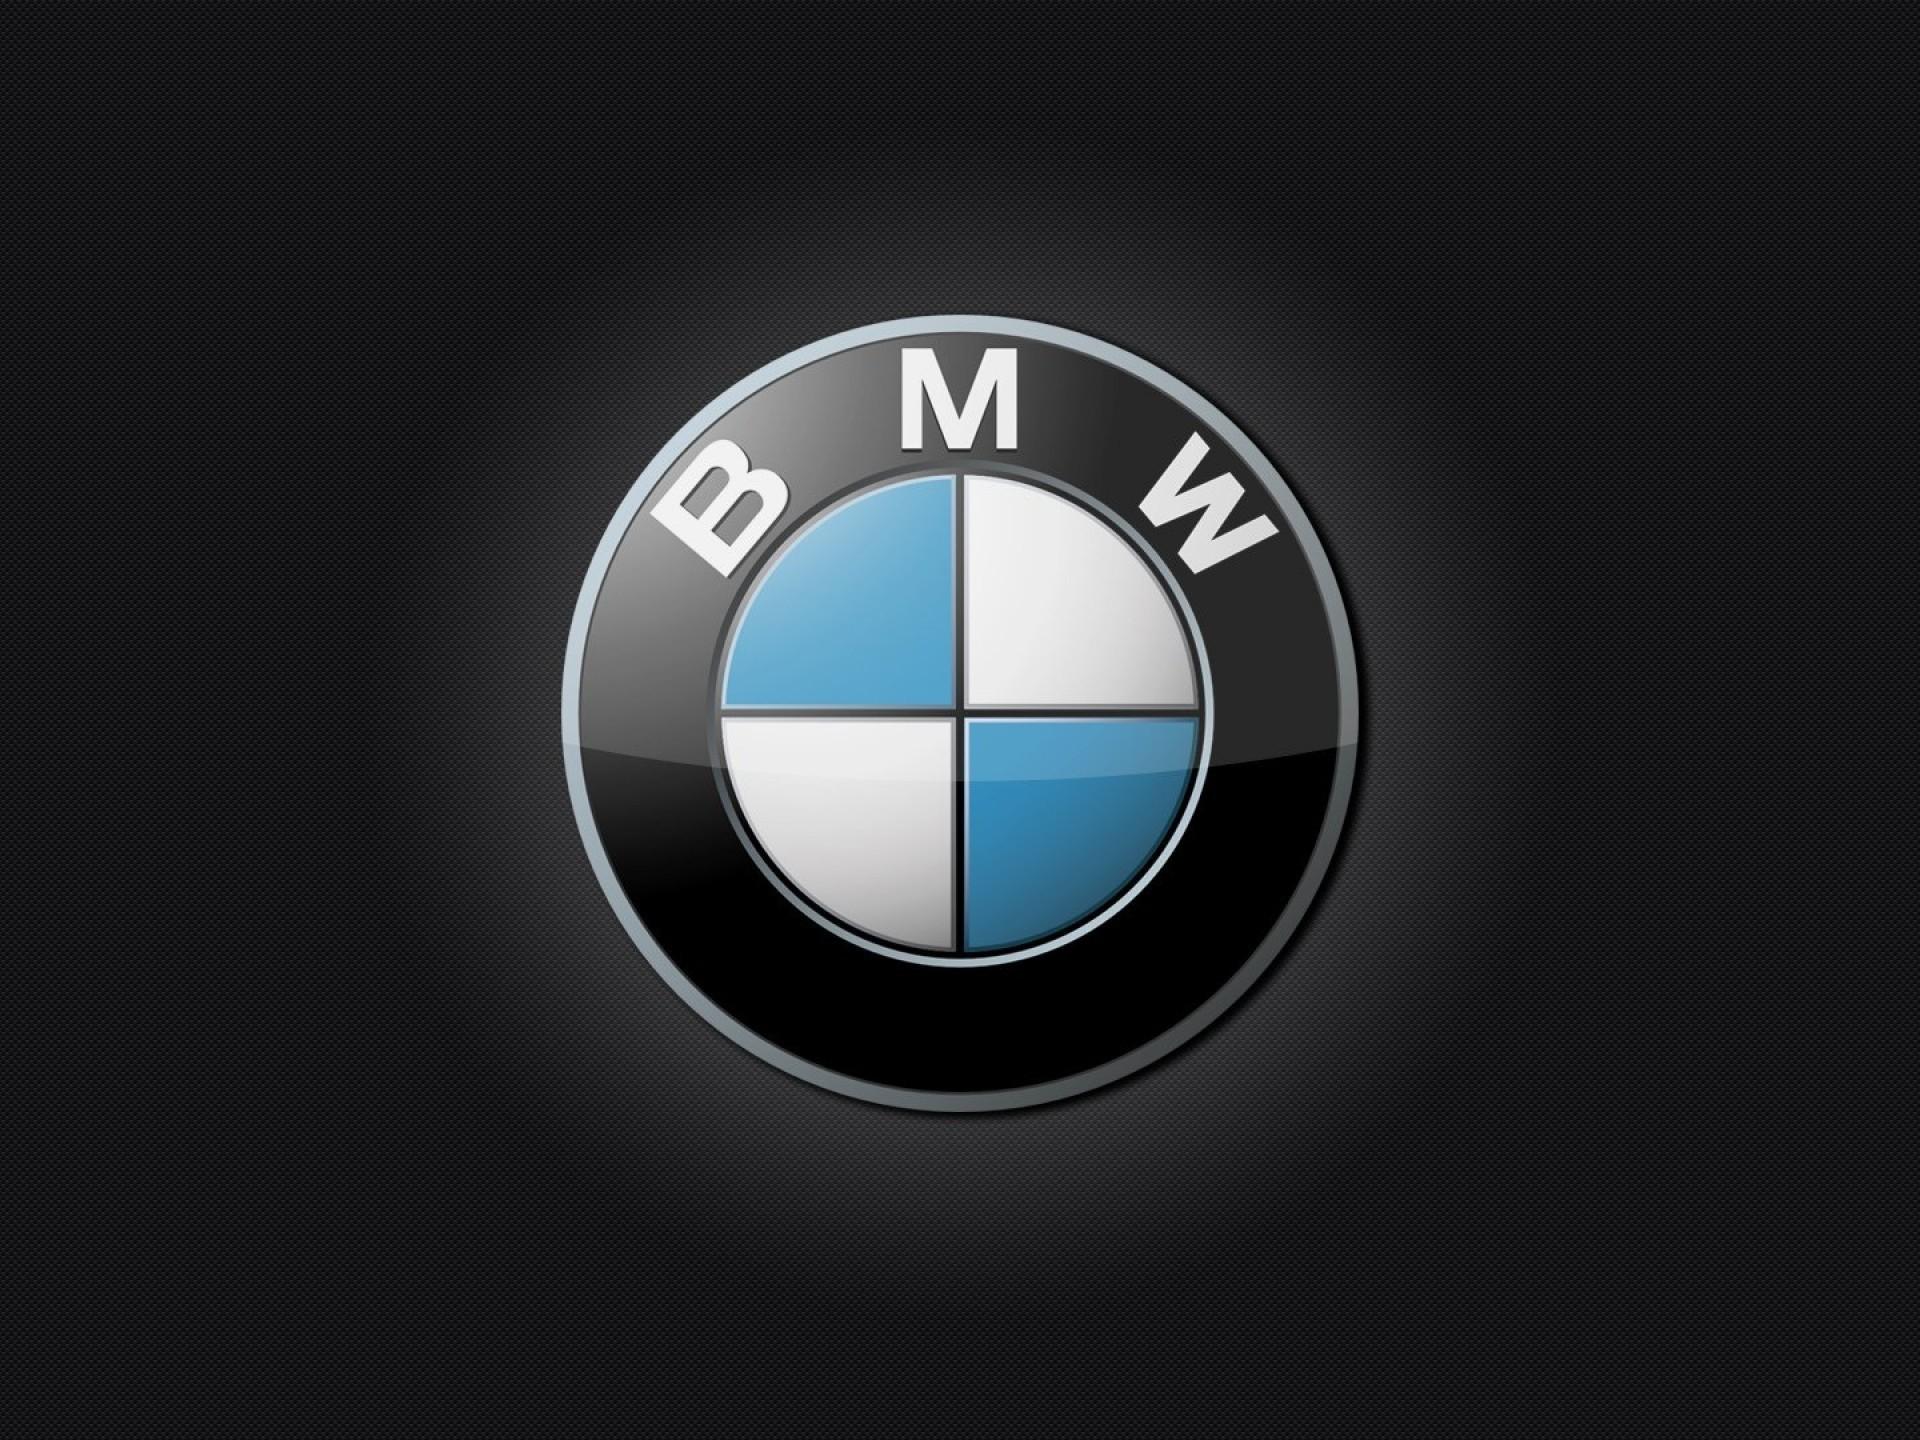 bmw логотип обои